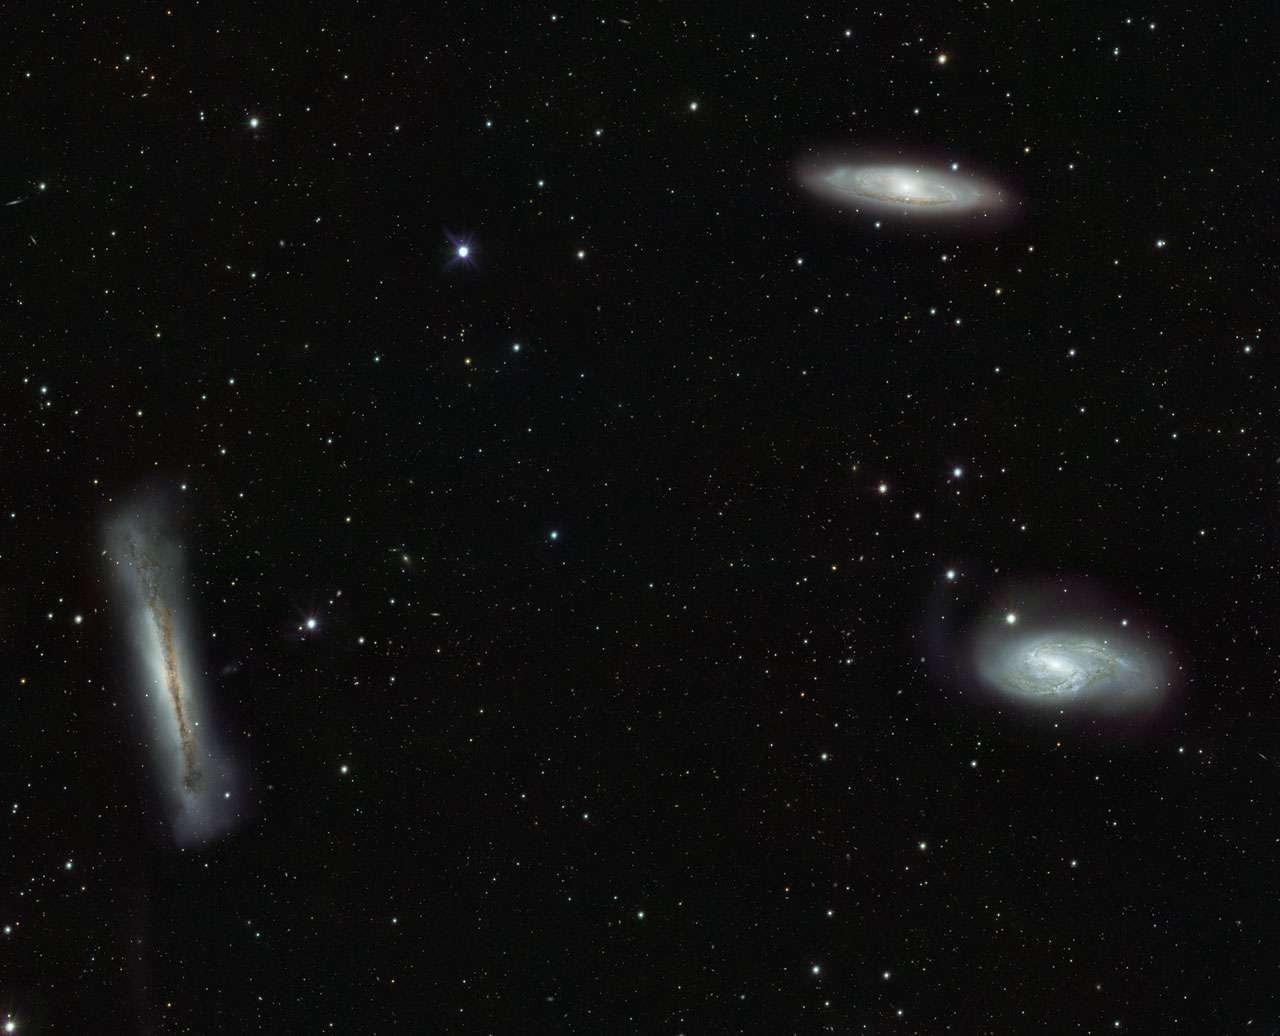 Le triplet de galaxies du Lion photographié par le VST. © Eso/INaf-VST/OmegaCAM